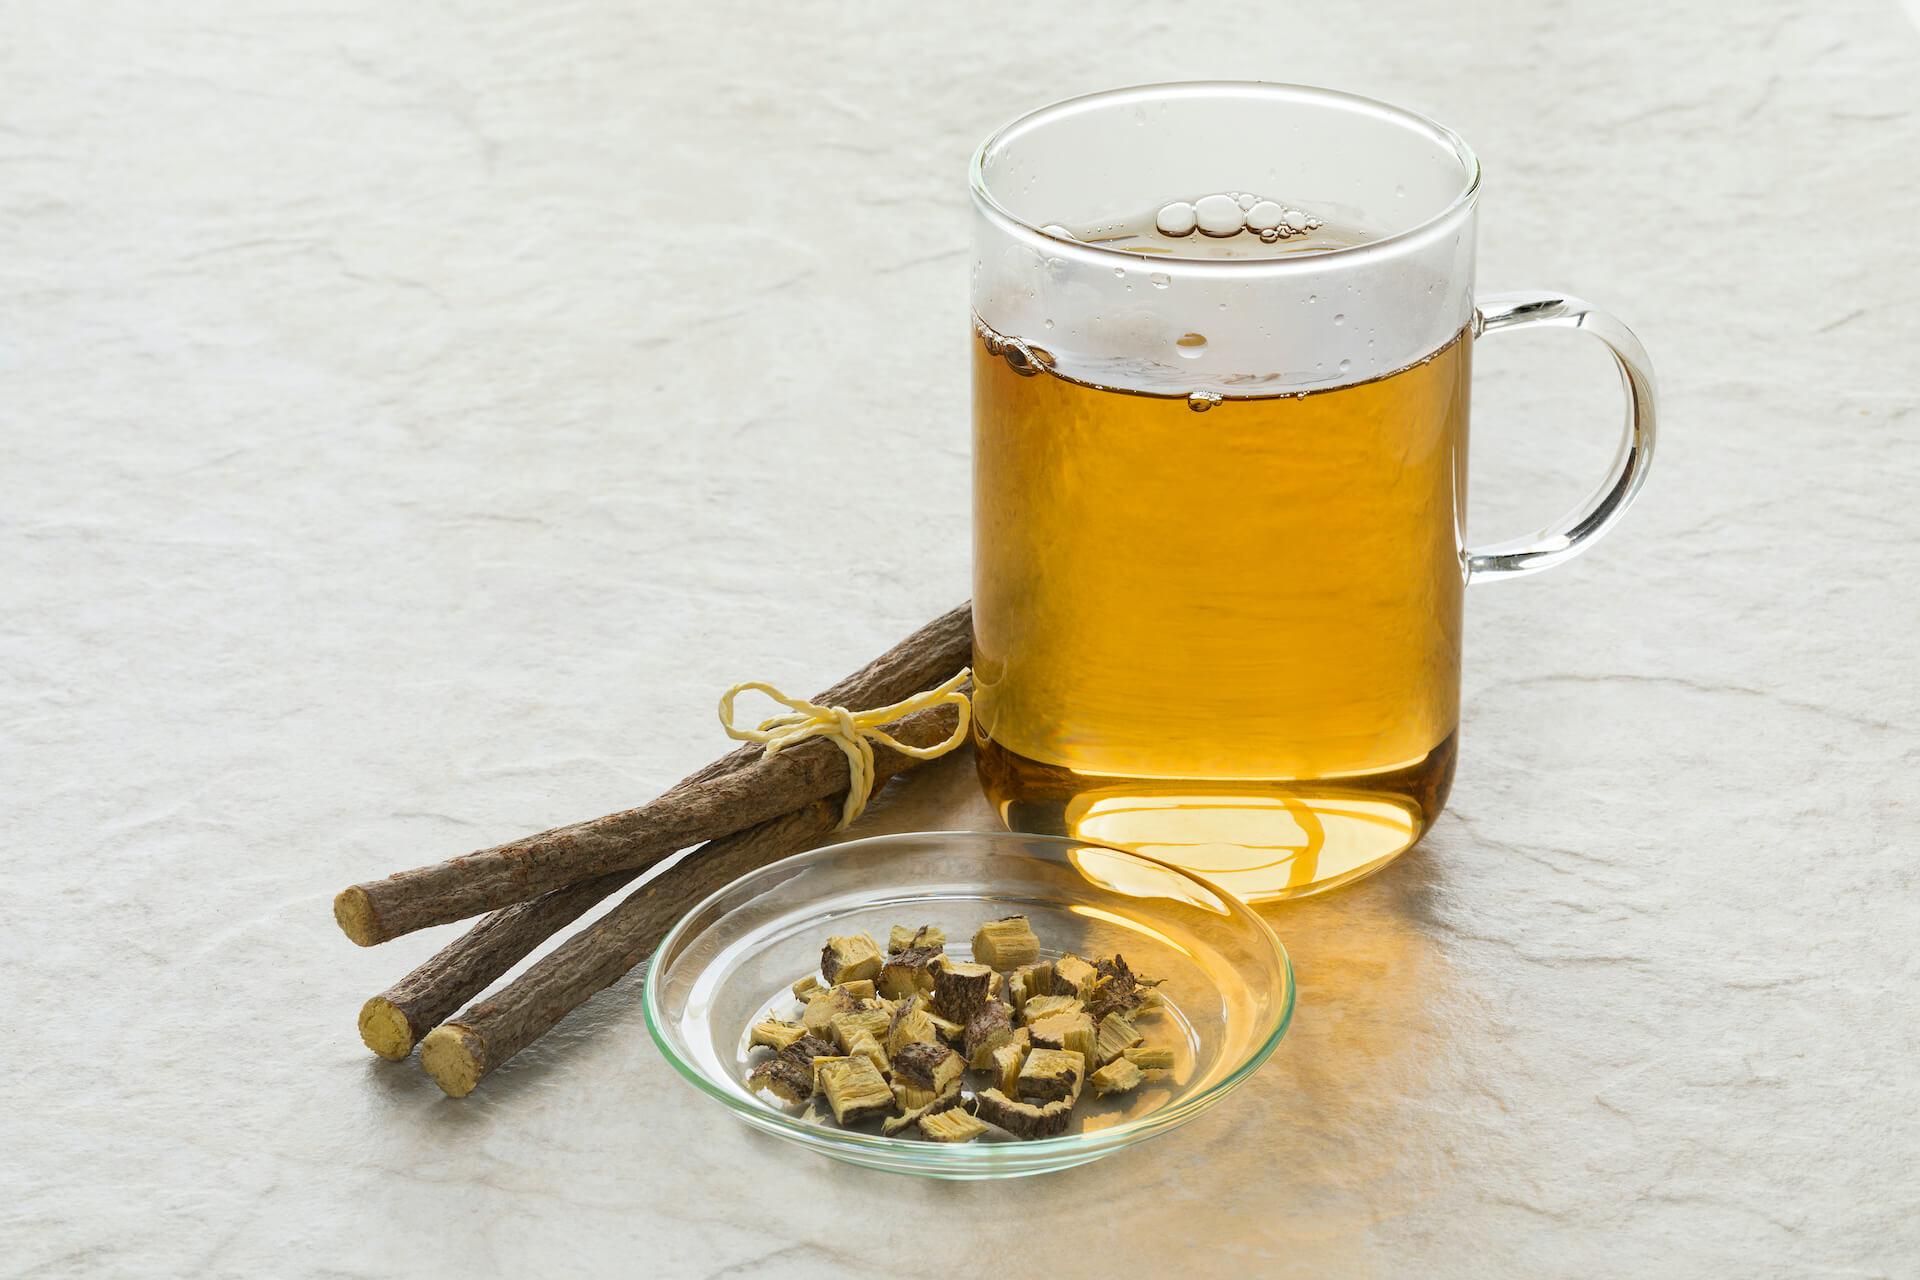 Sladić korijen i čaj od sladića u staklenoj šalici.